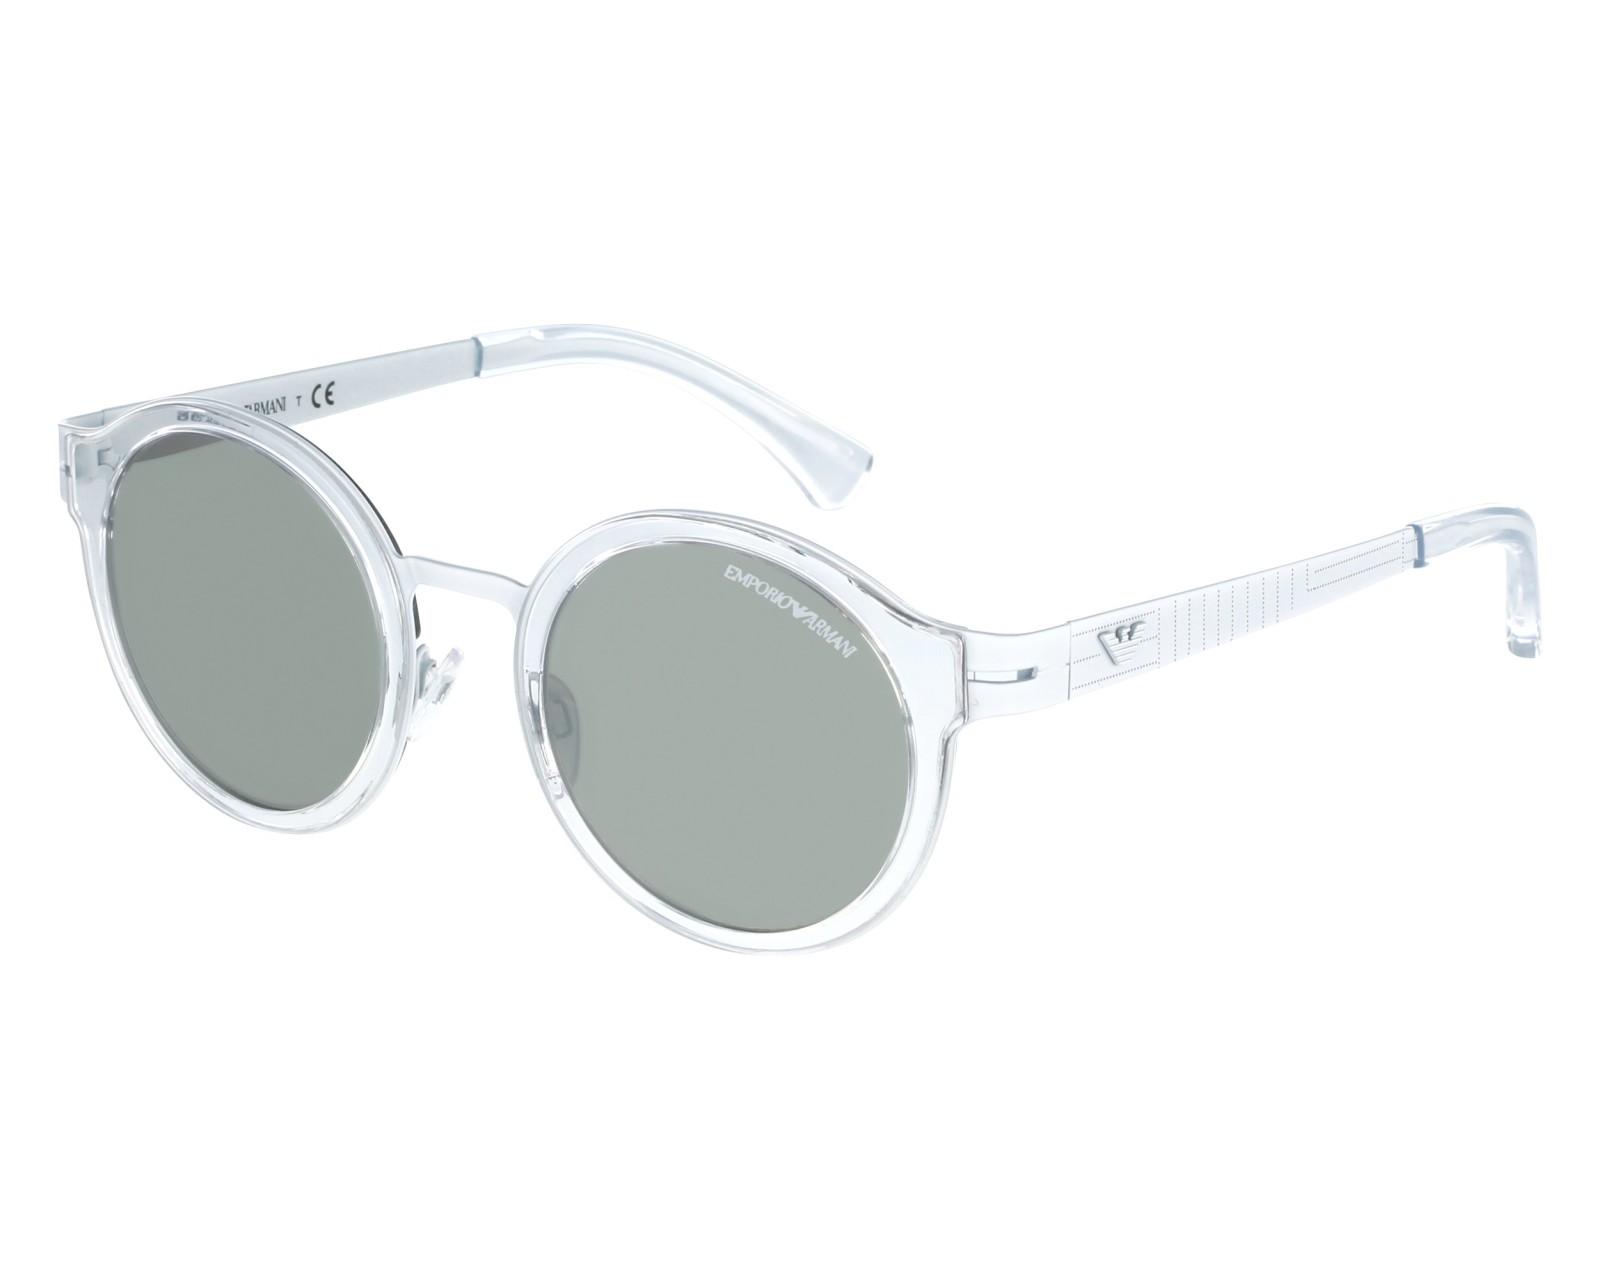 719afa5cb4947 Sunglasses Emporio Armani EA-2029 3107 6G - White Crystal front view